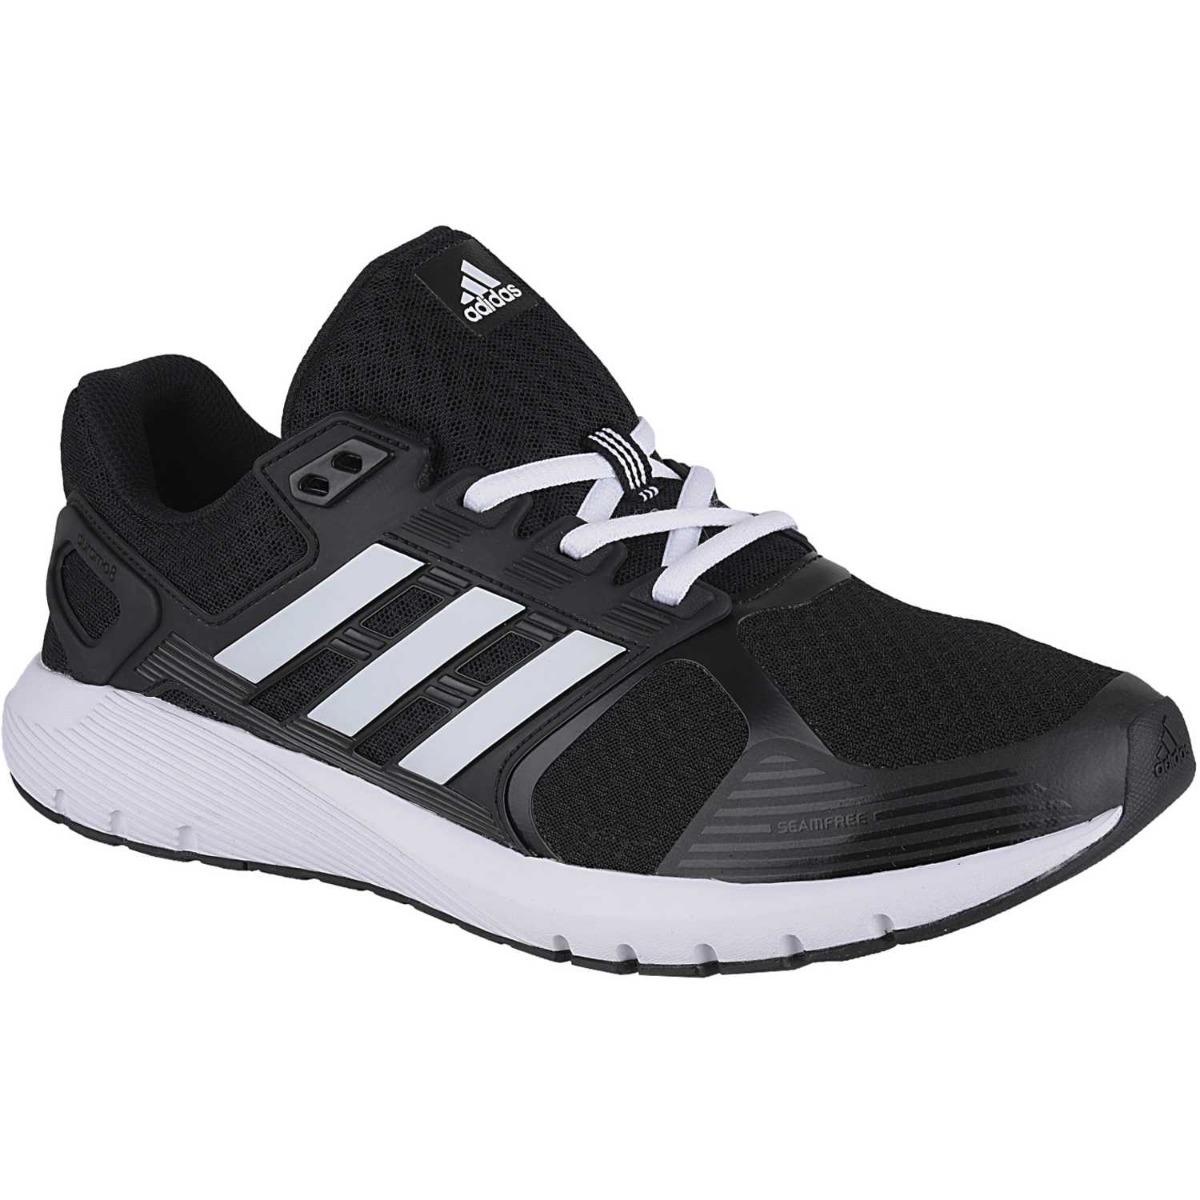 info for 4712e 52663 Zapatillas Adidas Duramo 8